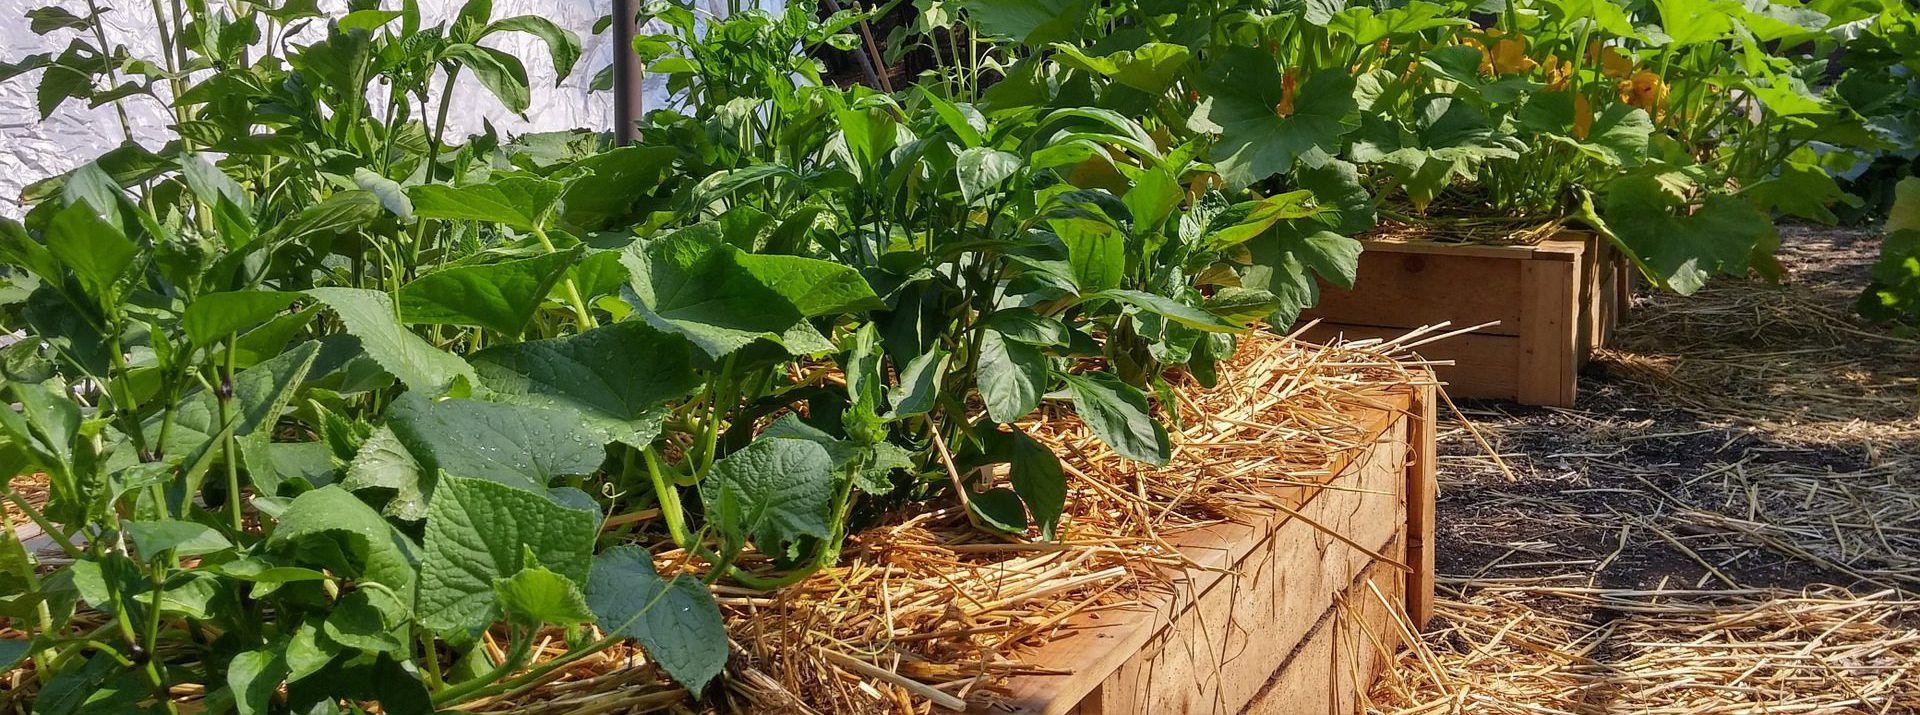 Épinglé par Mes Légumes du Jardin sur Jardinage Astuces